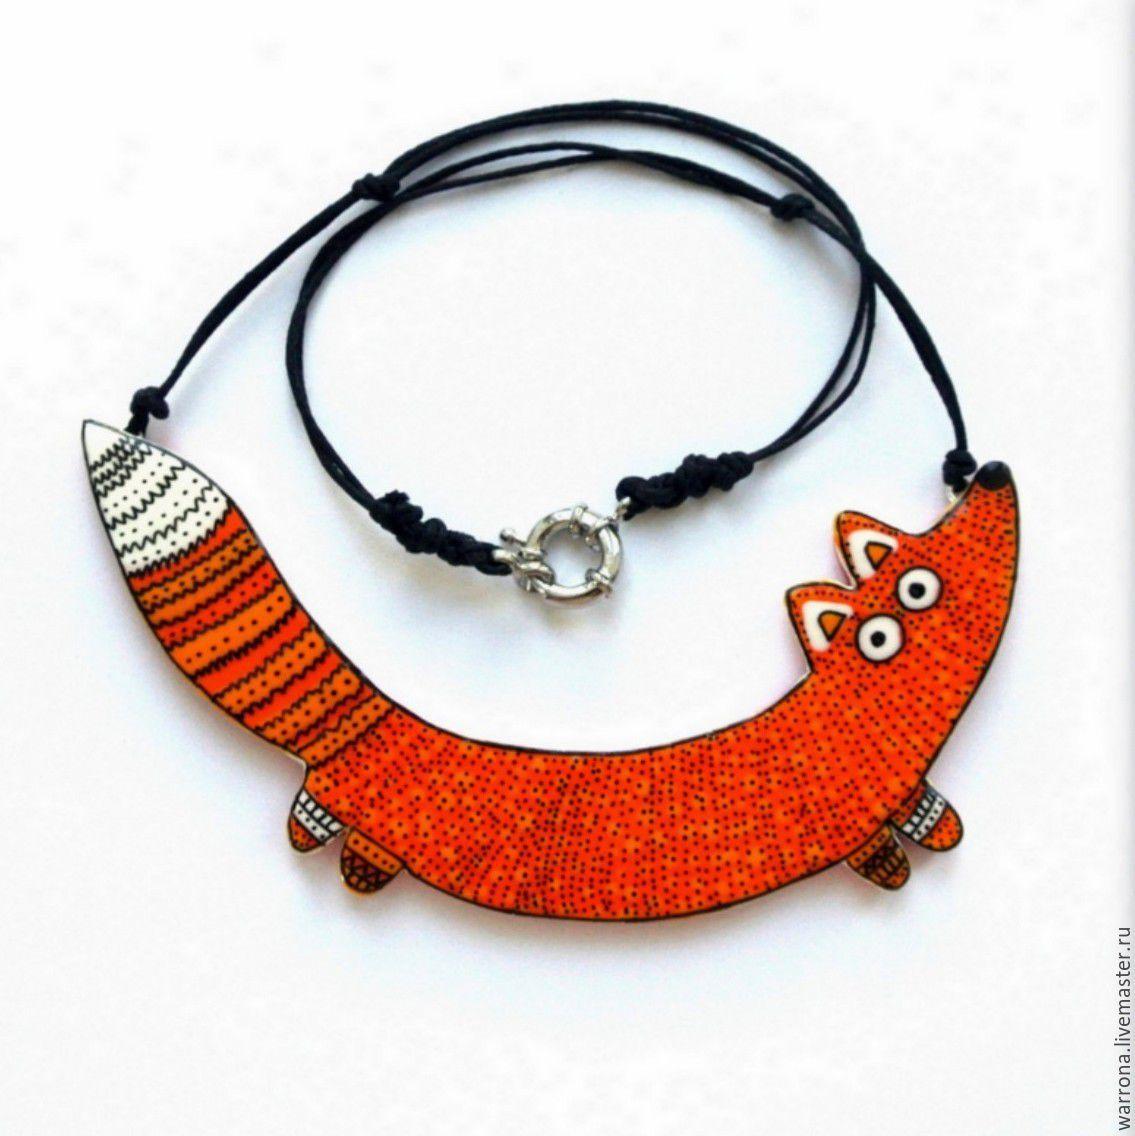 Купить колье Лиса (ручная роспись, оранжевый) - оранжевый, рыжий, лиса, лисичка, колье и серьги